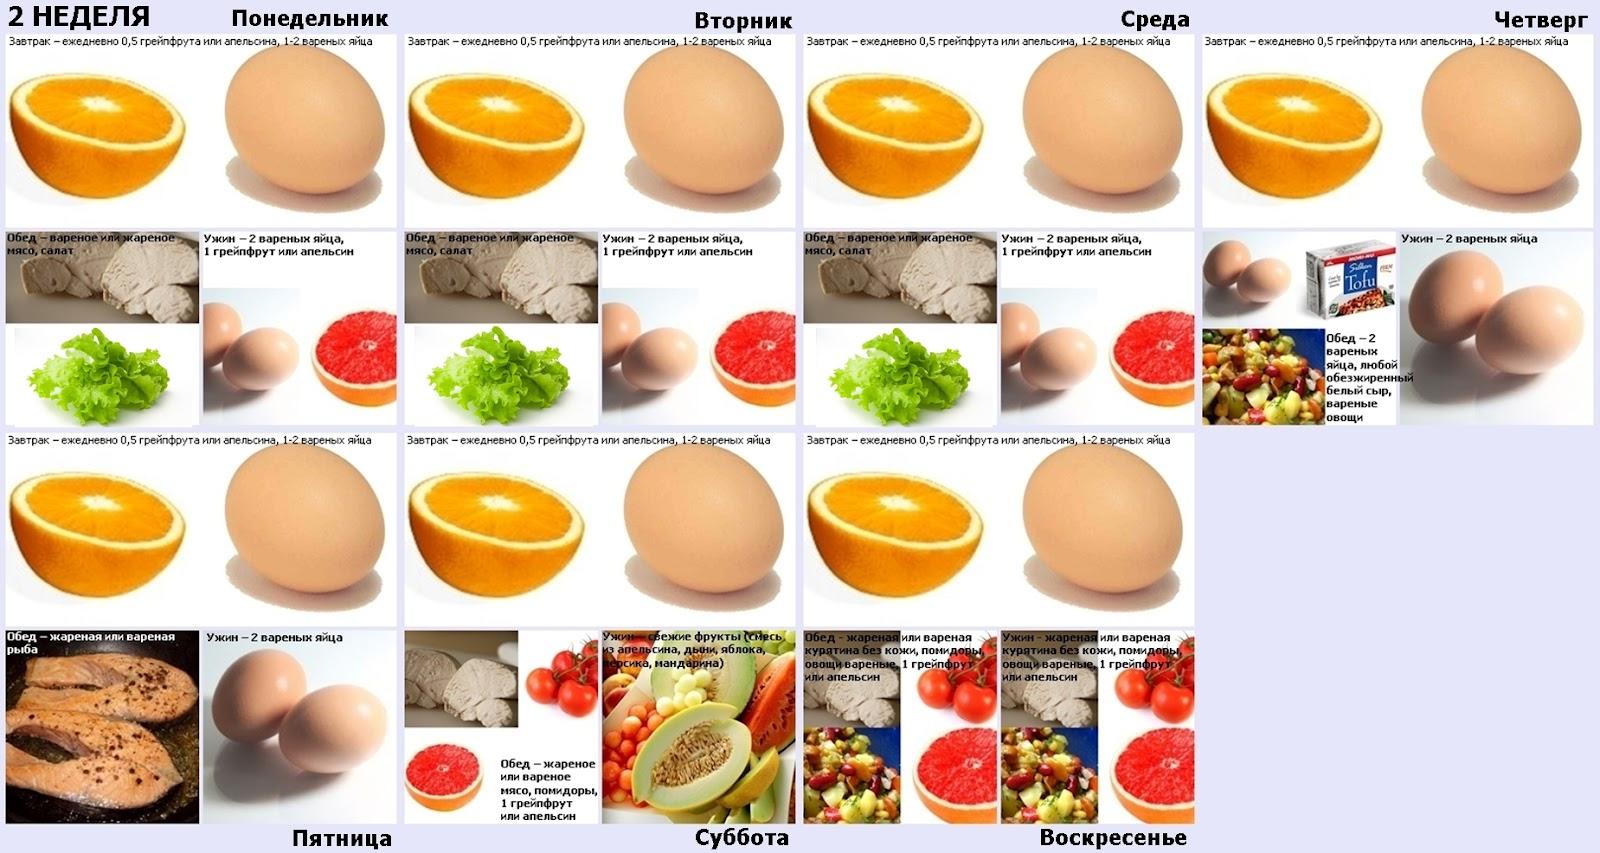 Диета Усама Хамдий: яичное и творожное меню